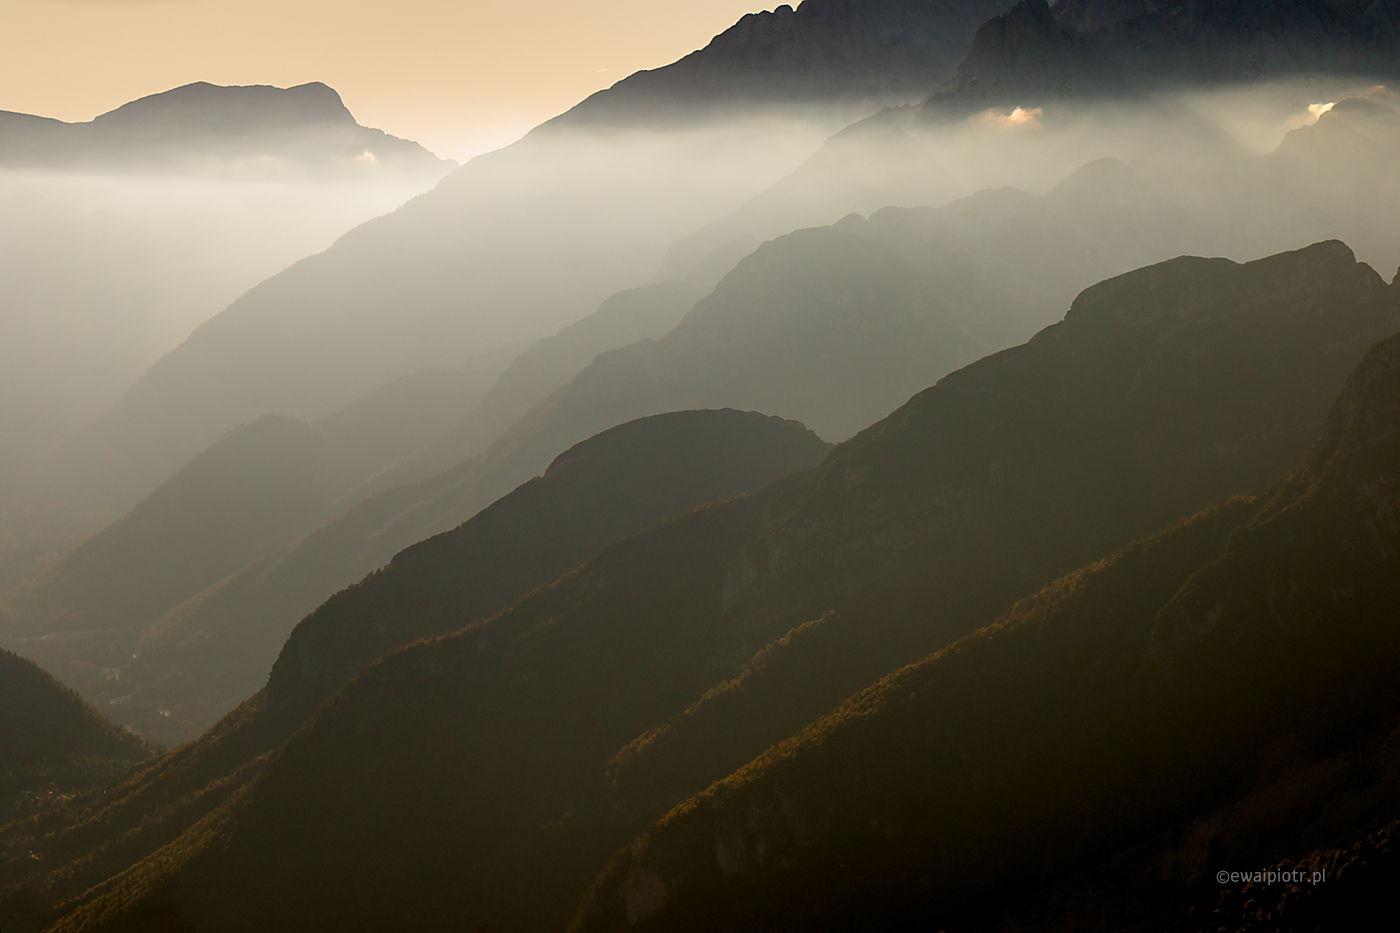 Góry i mgła, Słowenia, teleobiektyw, spłaszczenie perspektywy